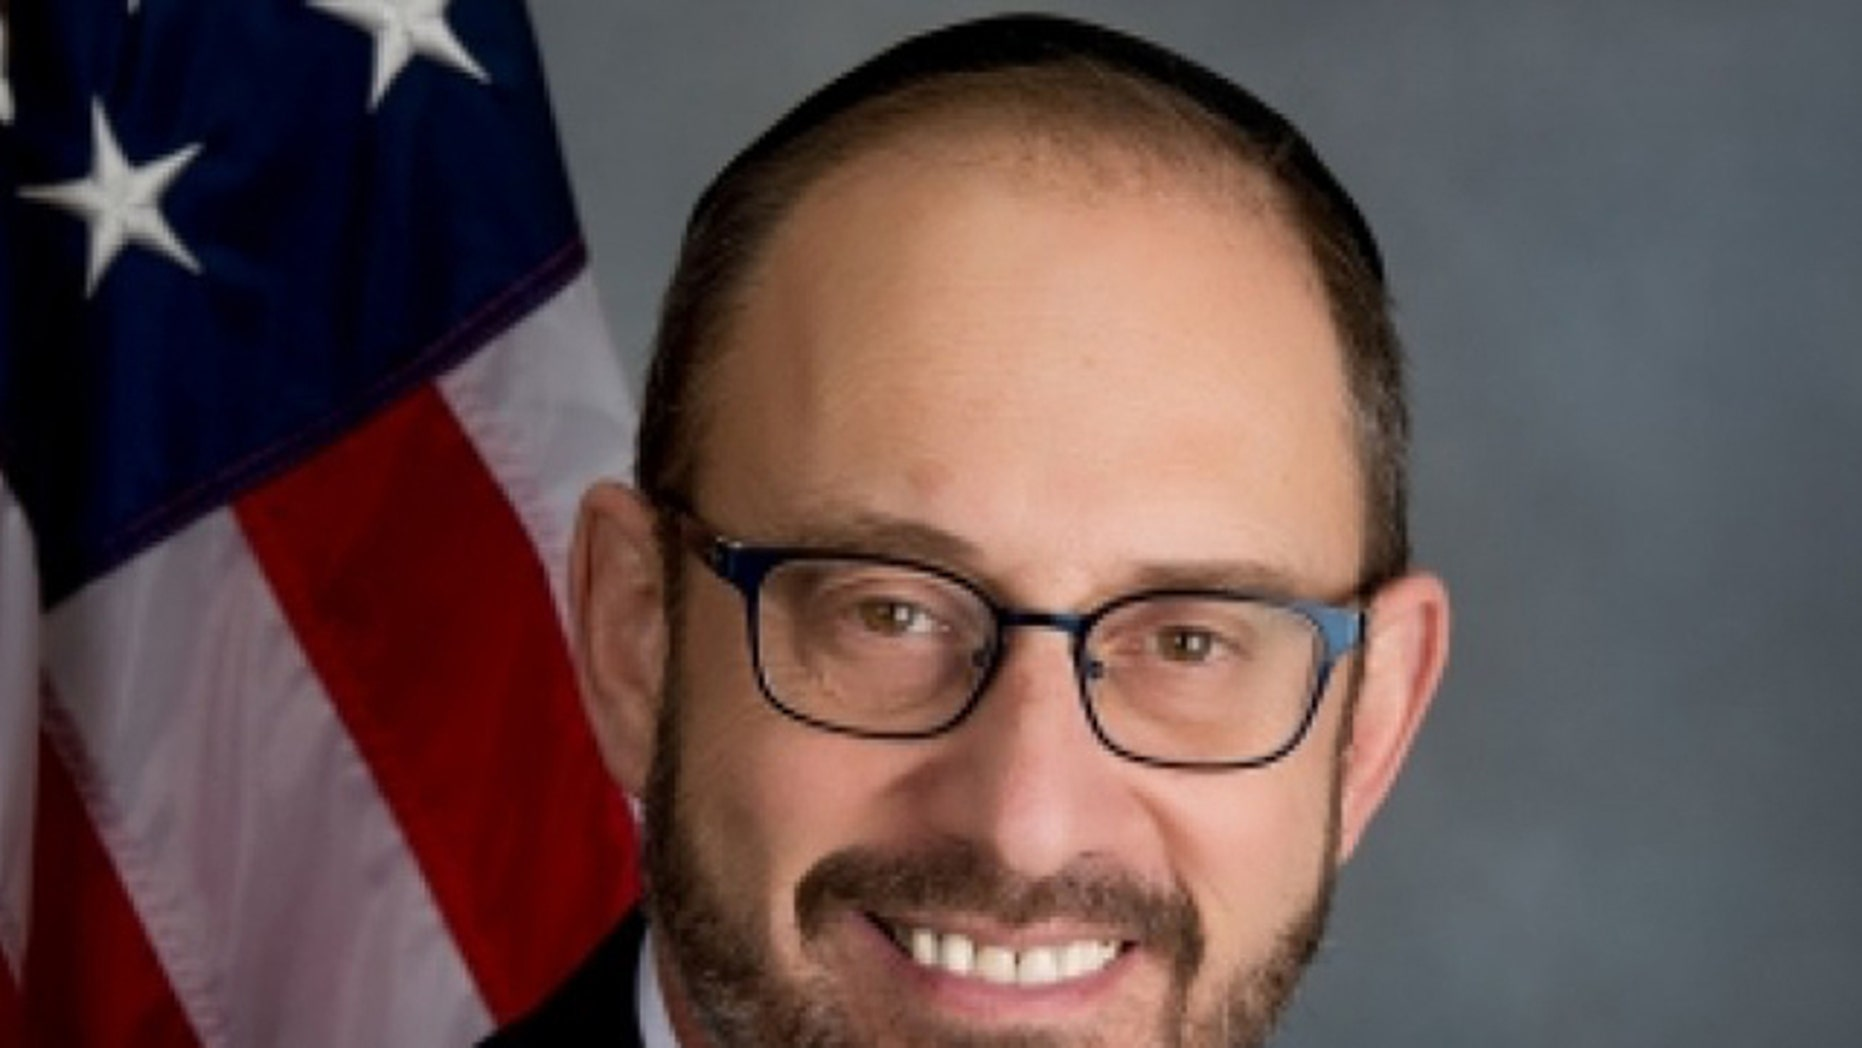 State Sen. Simcha Felder